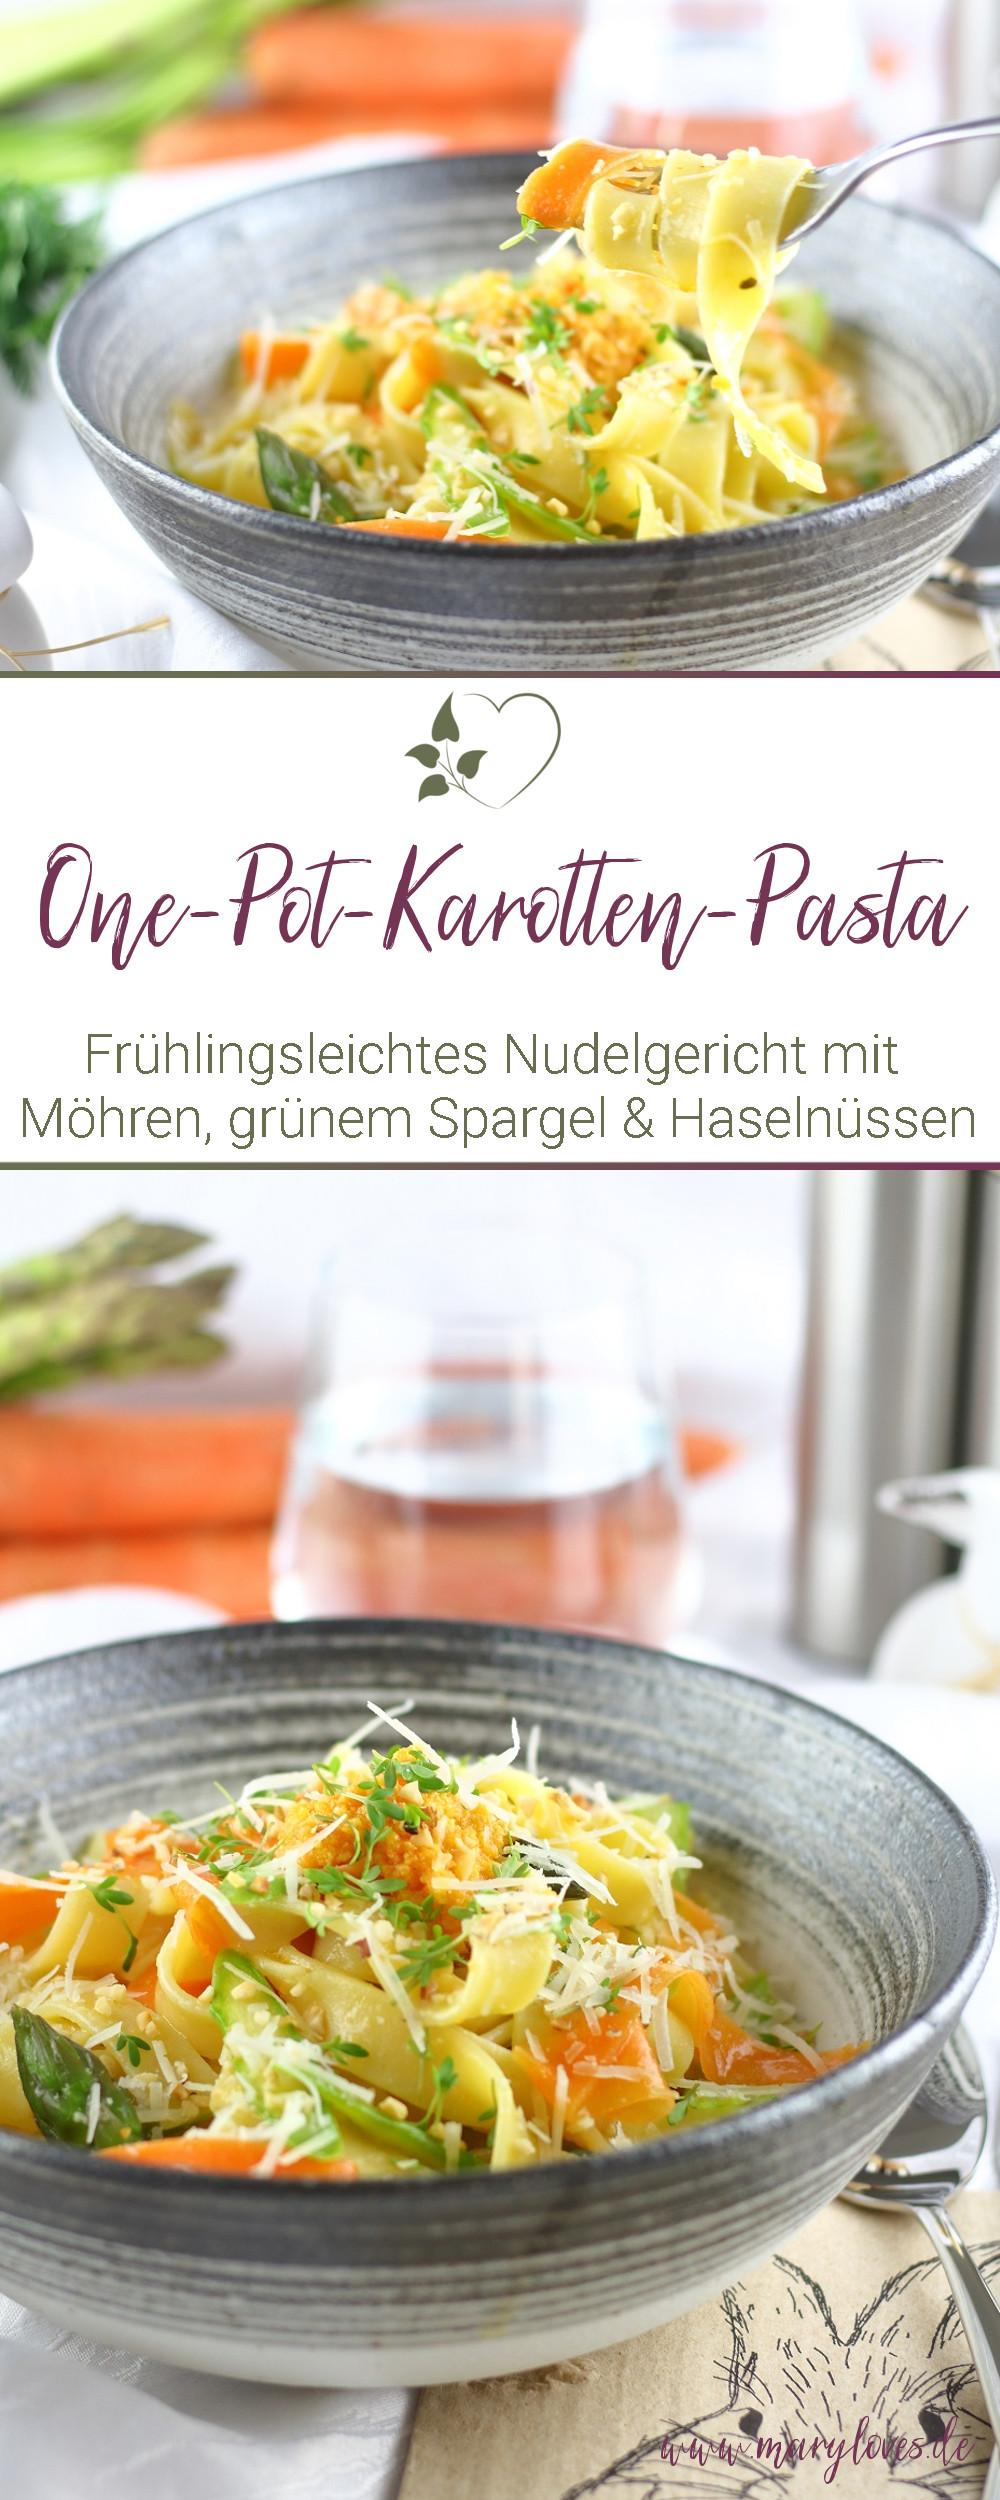 Frühlingsleichte One-Pot-Karotten-Pasta mit grünem Spargel & Haselnüssen - #onepotpasta #onepotkarottenpasta #pasta #frühlingspasta #frühlingsrezept #karottenpasta #vegetarisch #osterrezept